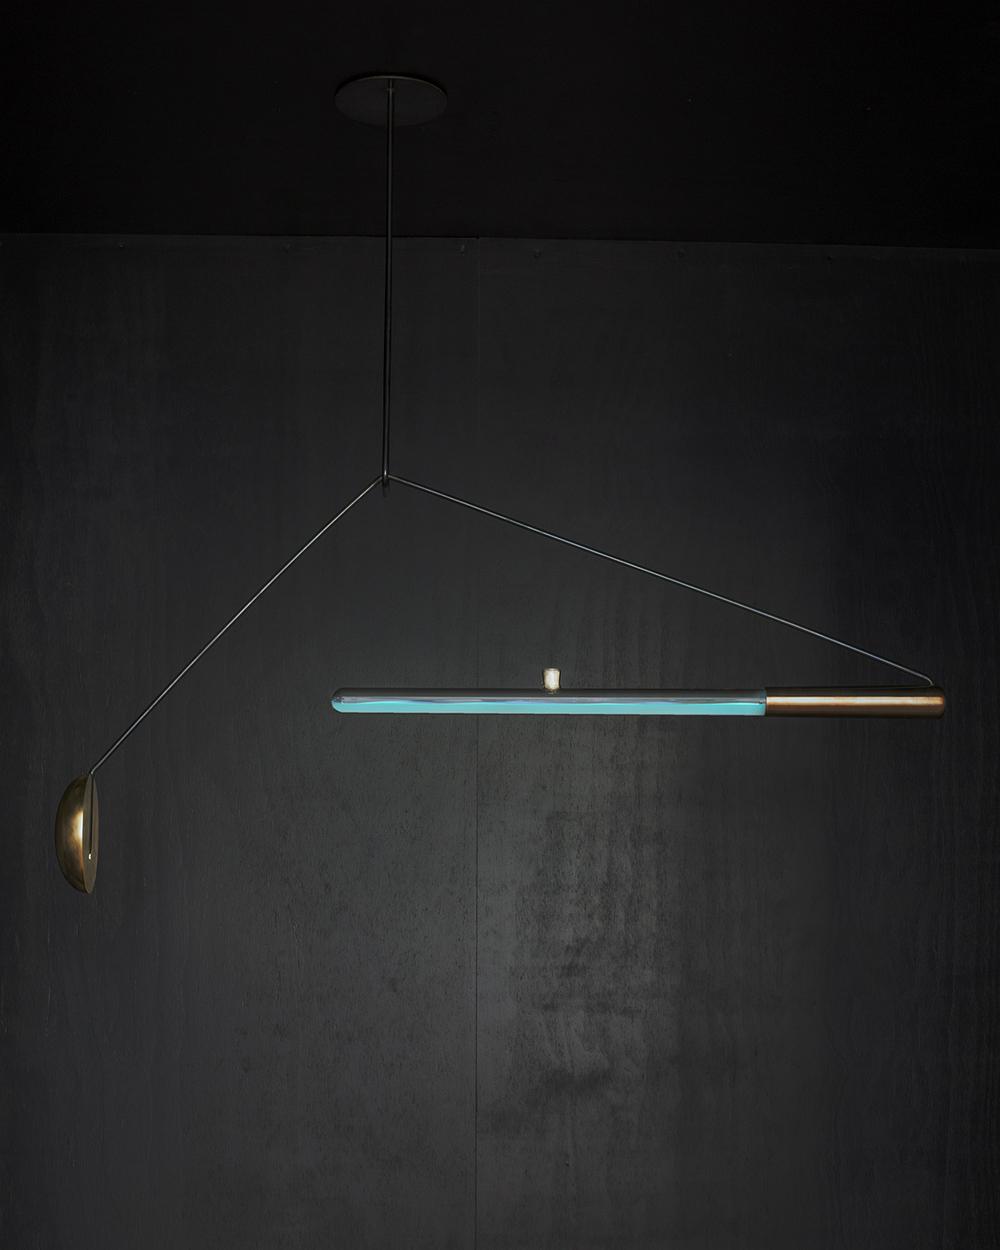 Ambio by Teresa Van Dongen